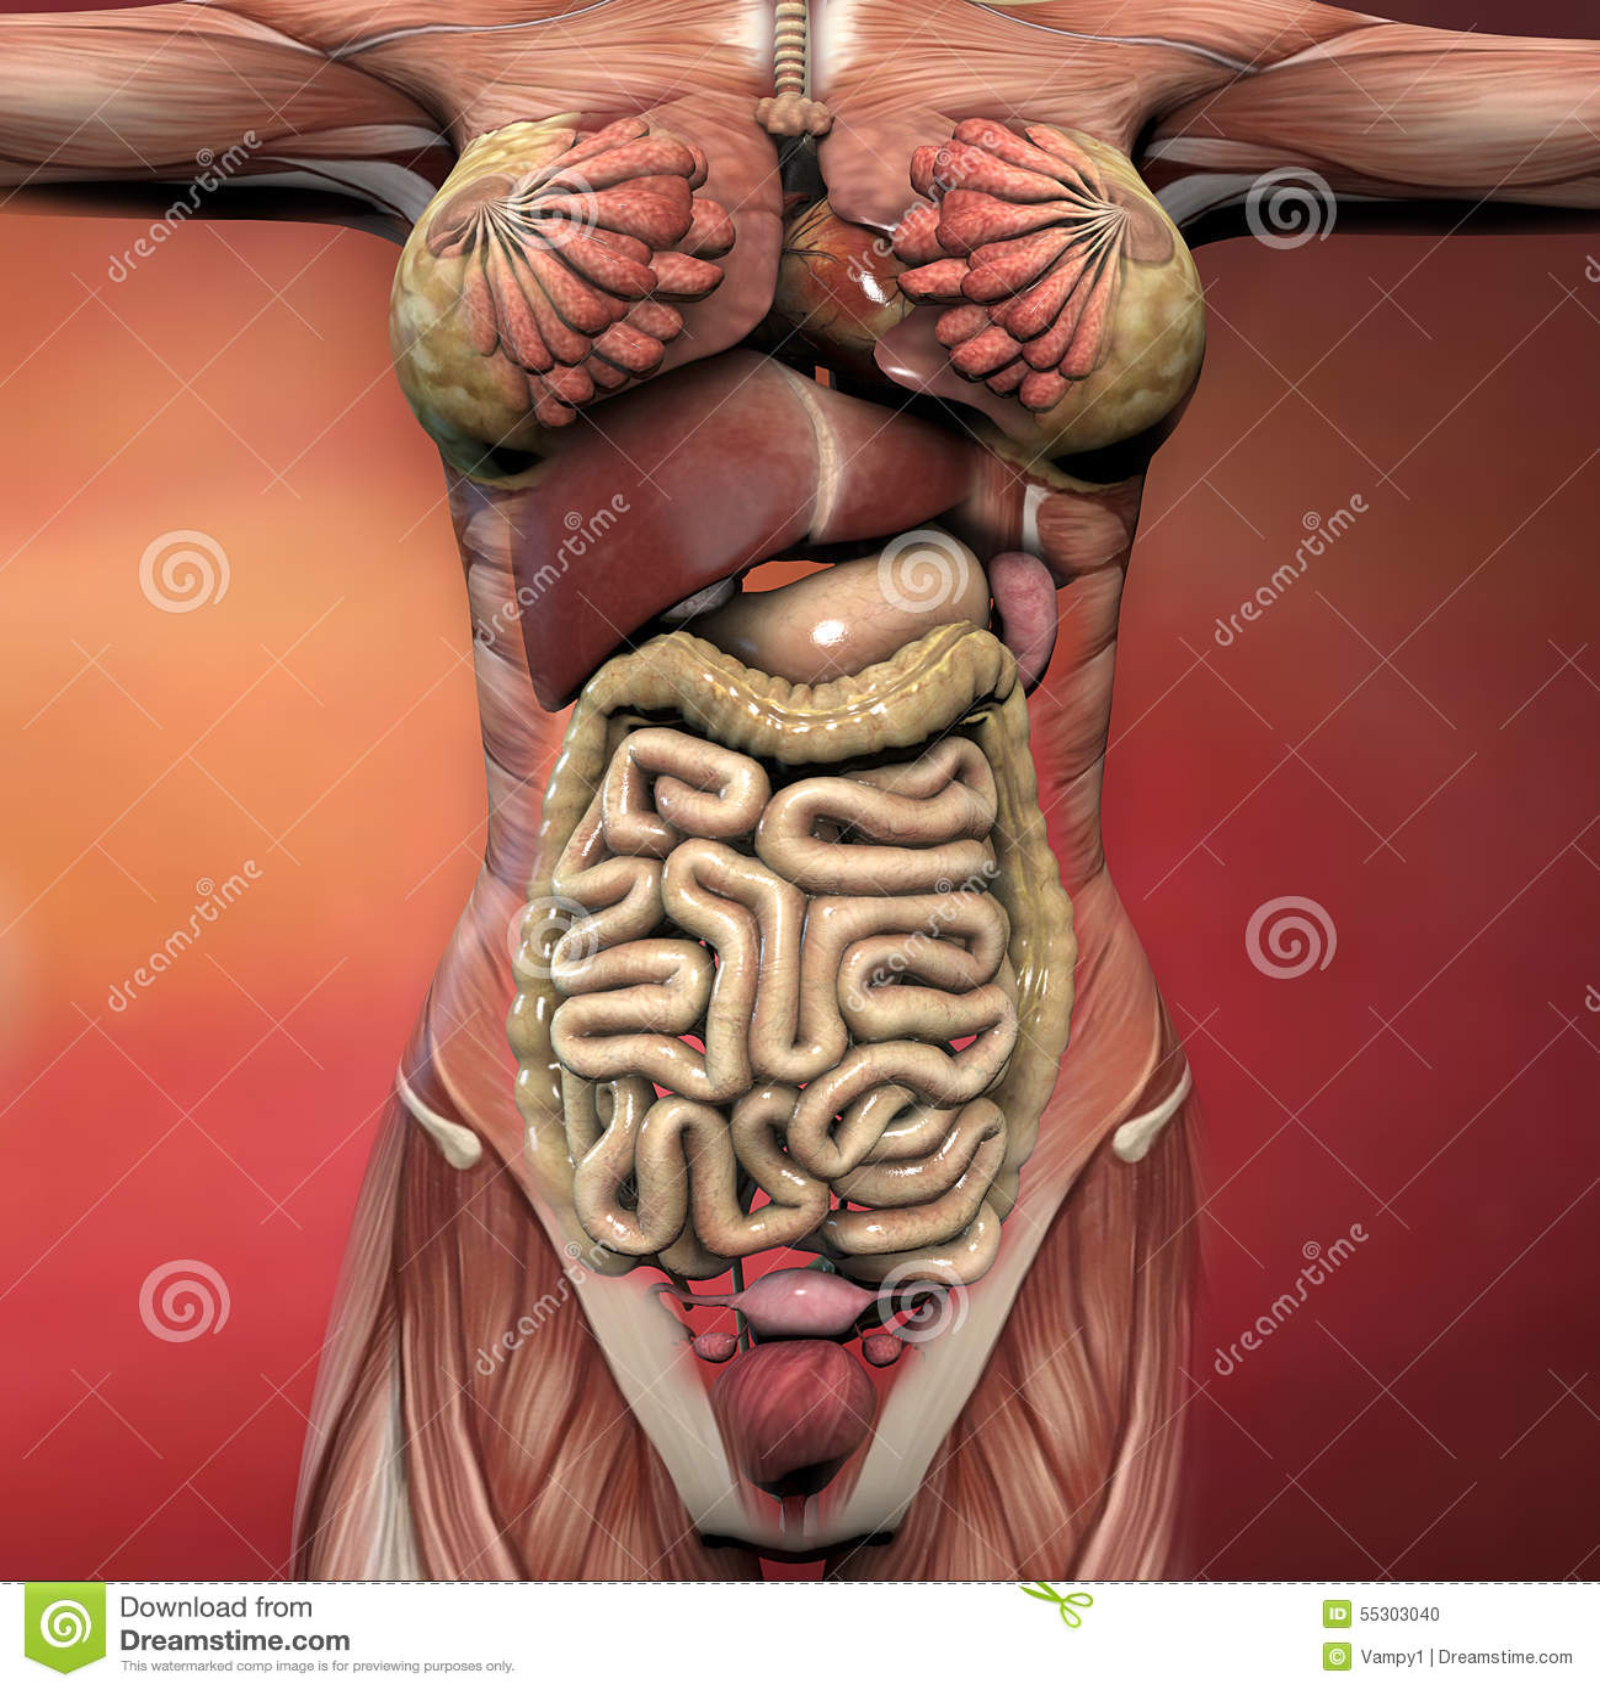 Groß Körperanatomie Weiblich Ideen - Menschliche Anatomie Bilder ...